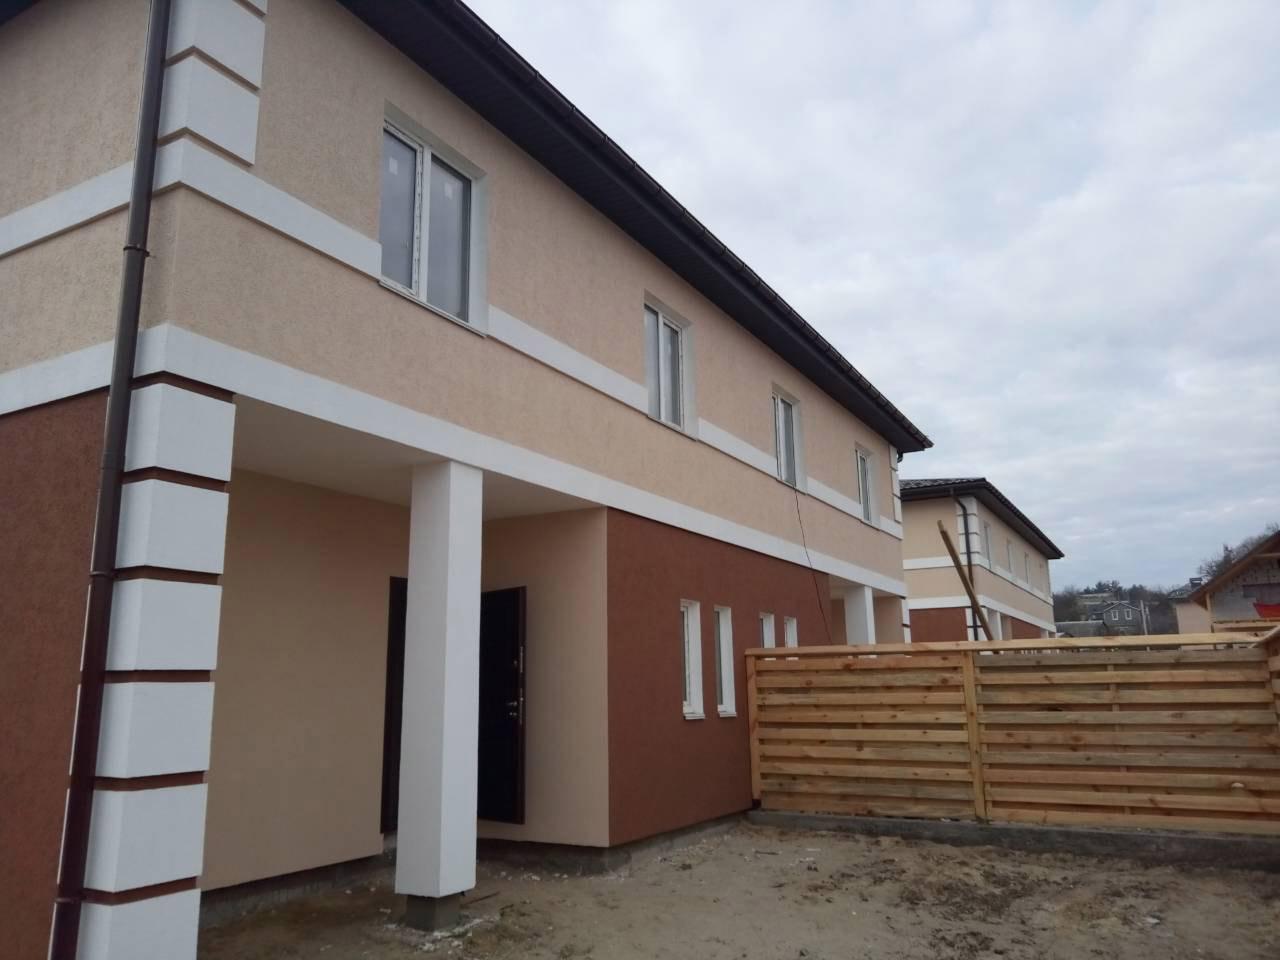 Продажа готовый дом дуплекс в селе Стоянка. Агентство недвижимости